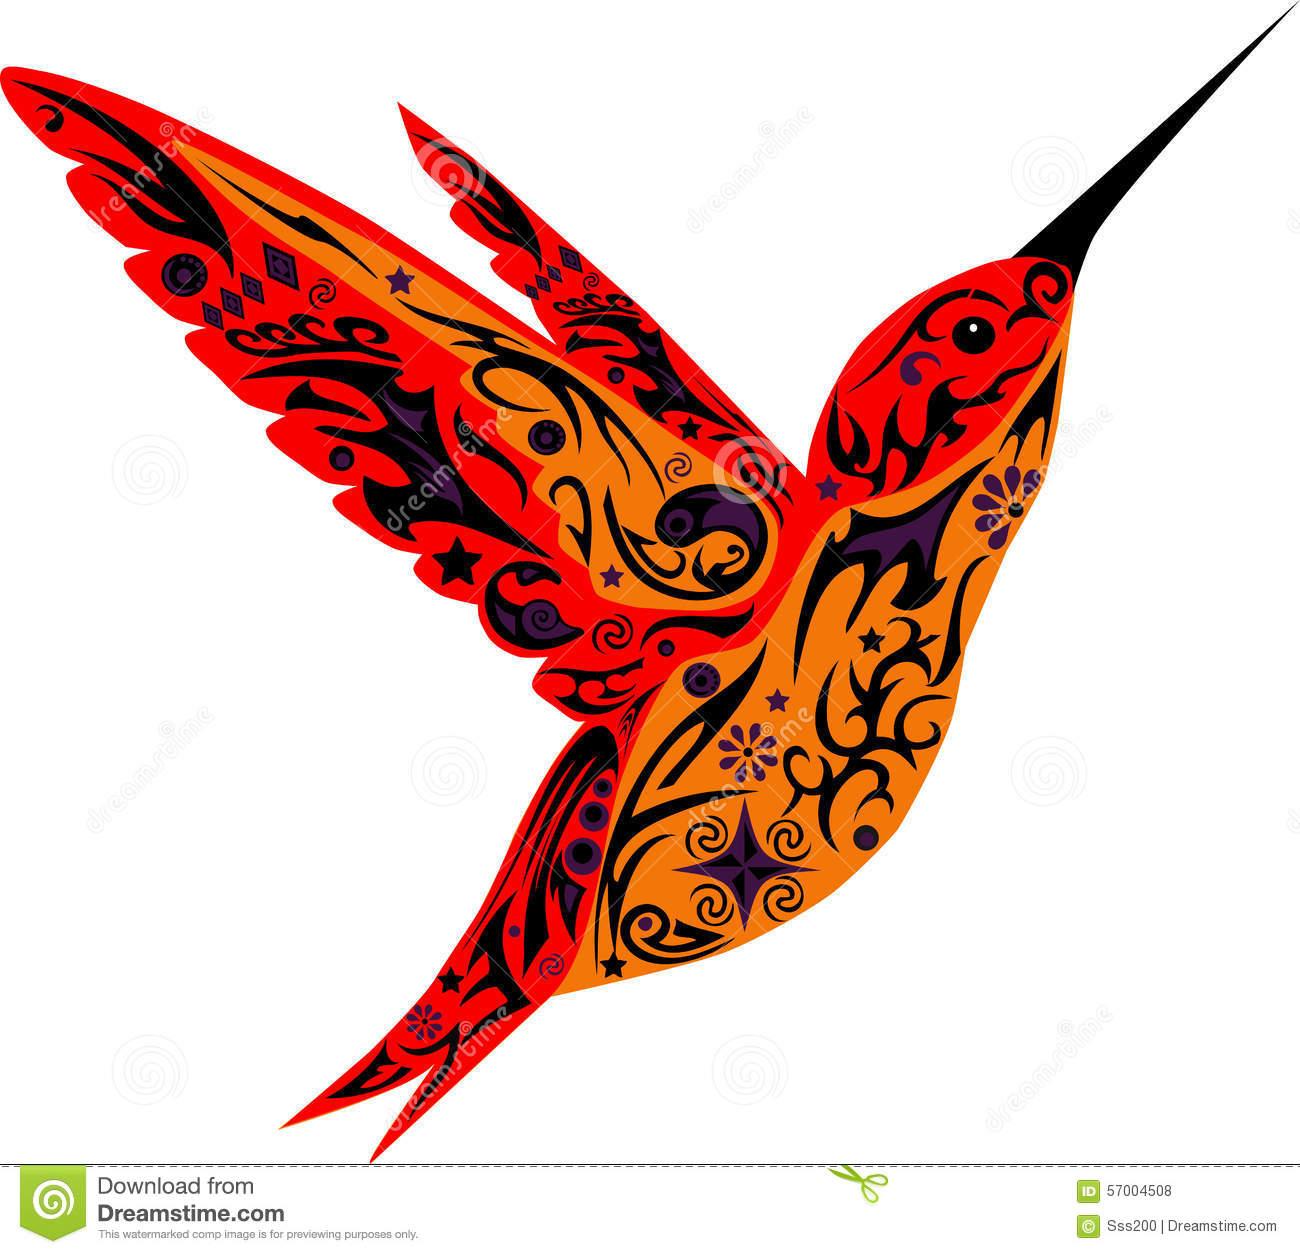 Kolibri clipart #7, Download drawings